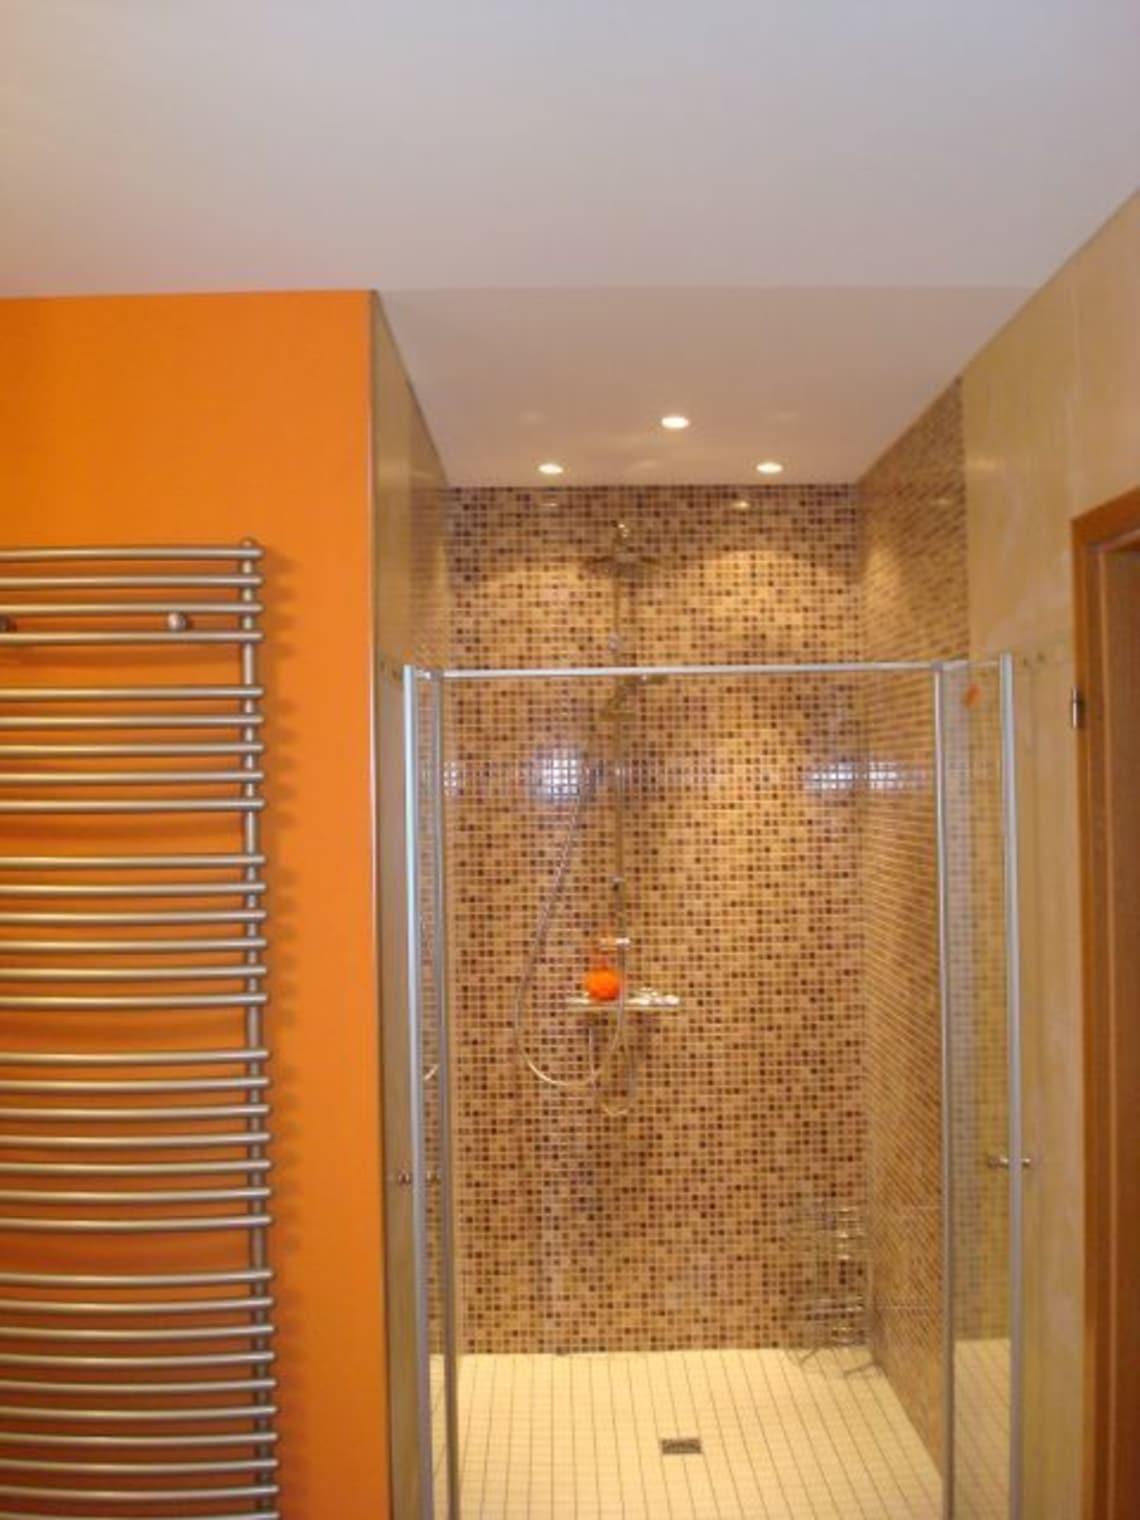 Tuchspanndecke im Badezimmer